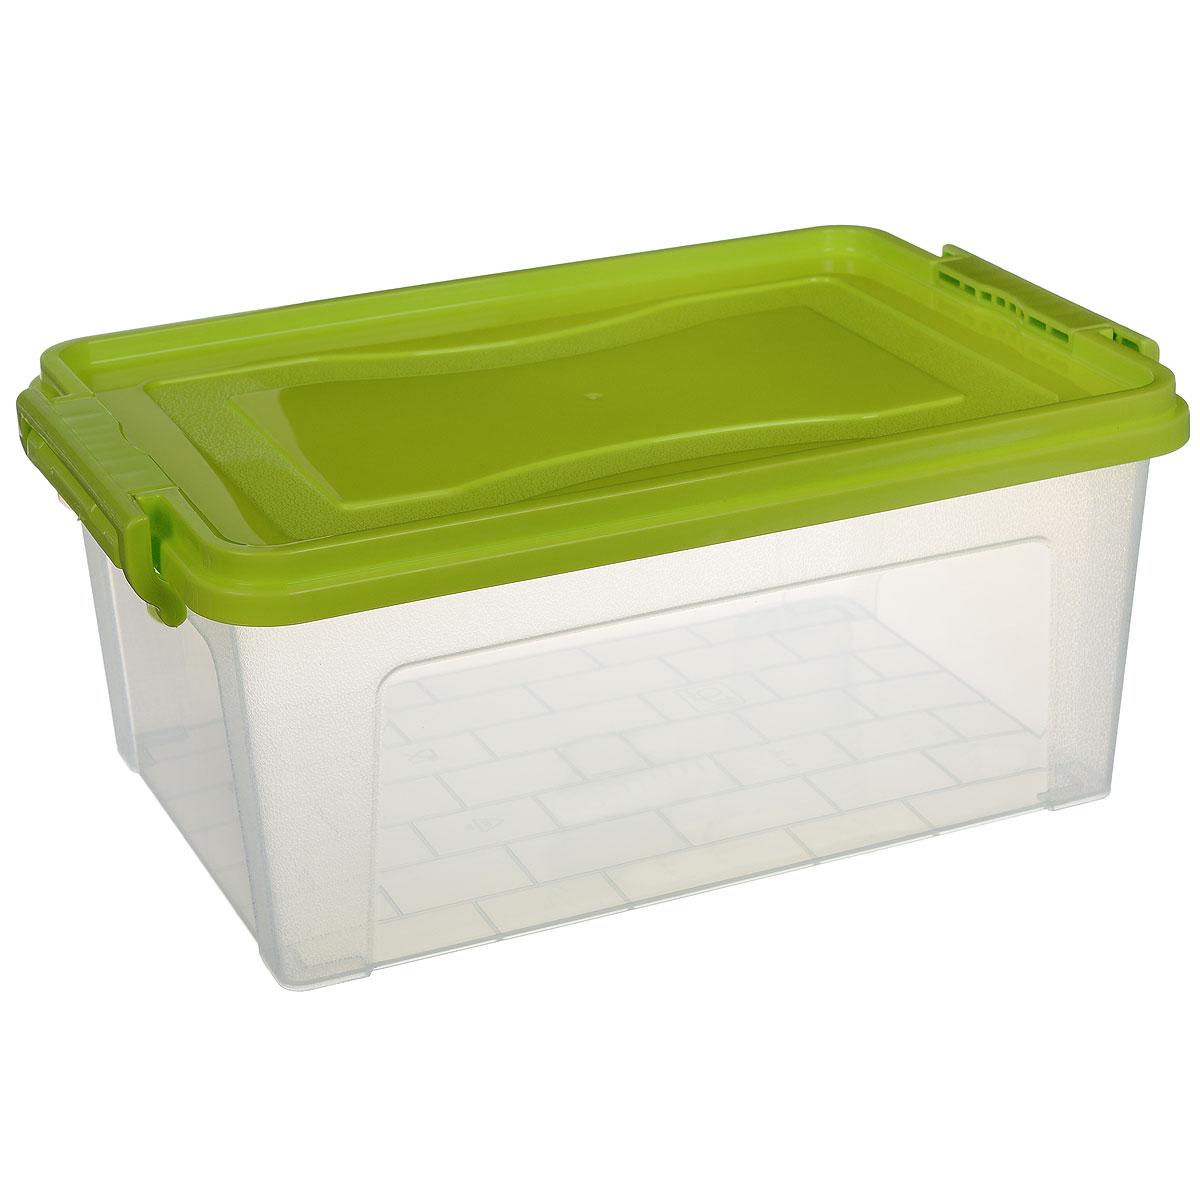 Контейнер для хранения Idea, прямоугольный, цвет: салатовый, прозрачный, 8,5 л74-0120Контейнер для хранения Idea выполнен из высококачественного пластика. Изделие оснащено двумя пластиковыми фиксаторами по бокам, придающими дополнительную надежность закрывания крышки. Вместительный контейнер позволит сохранить различные нужные вещи в порядке, а герметичная крышка предотвратит случайное открывание, защитит содержимое от пыли и грязи.Объем: 8,5 л.